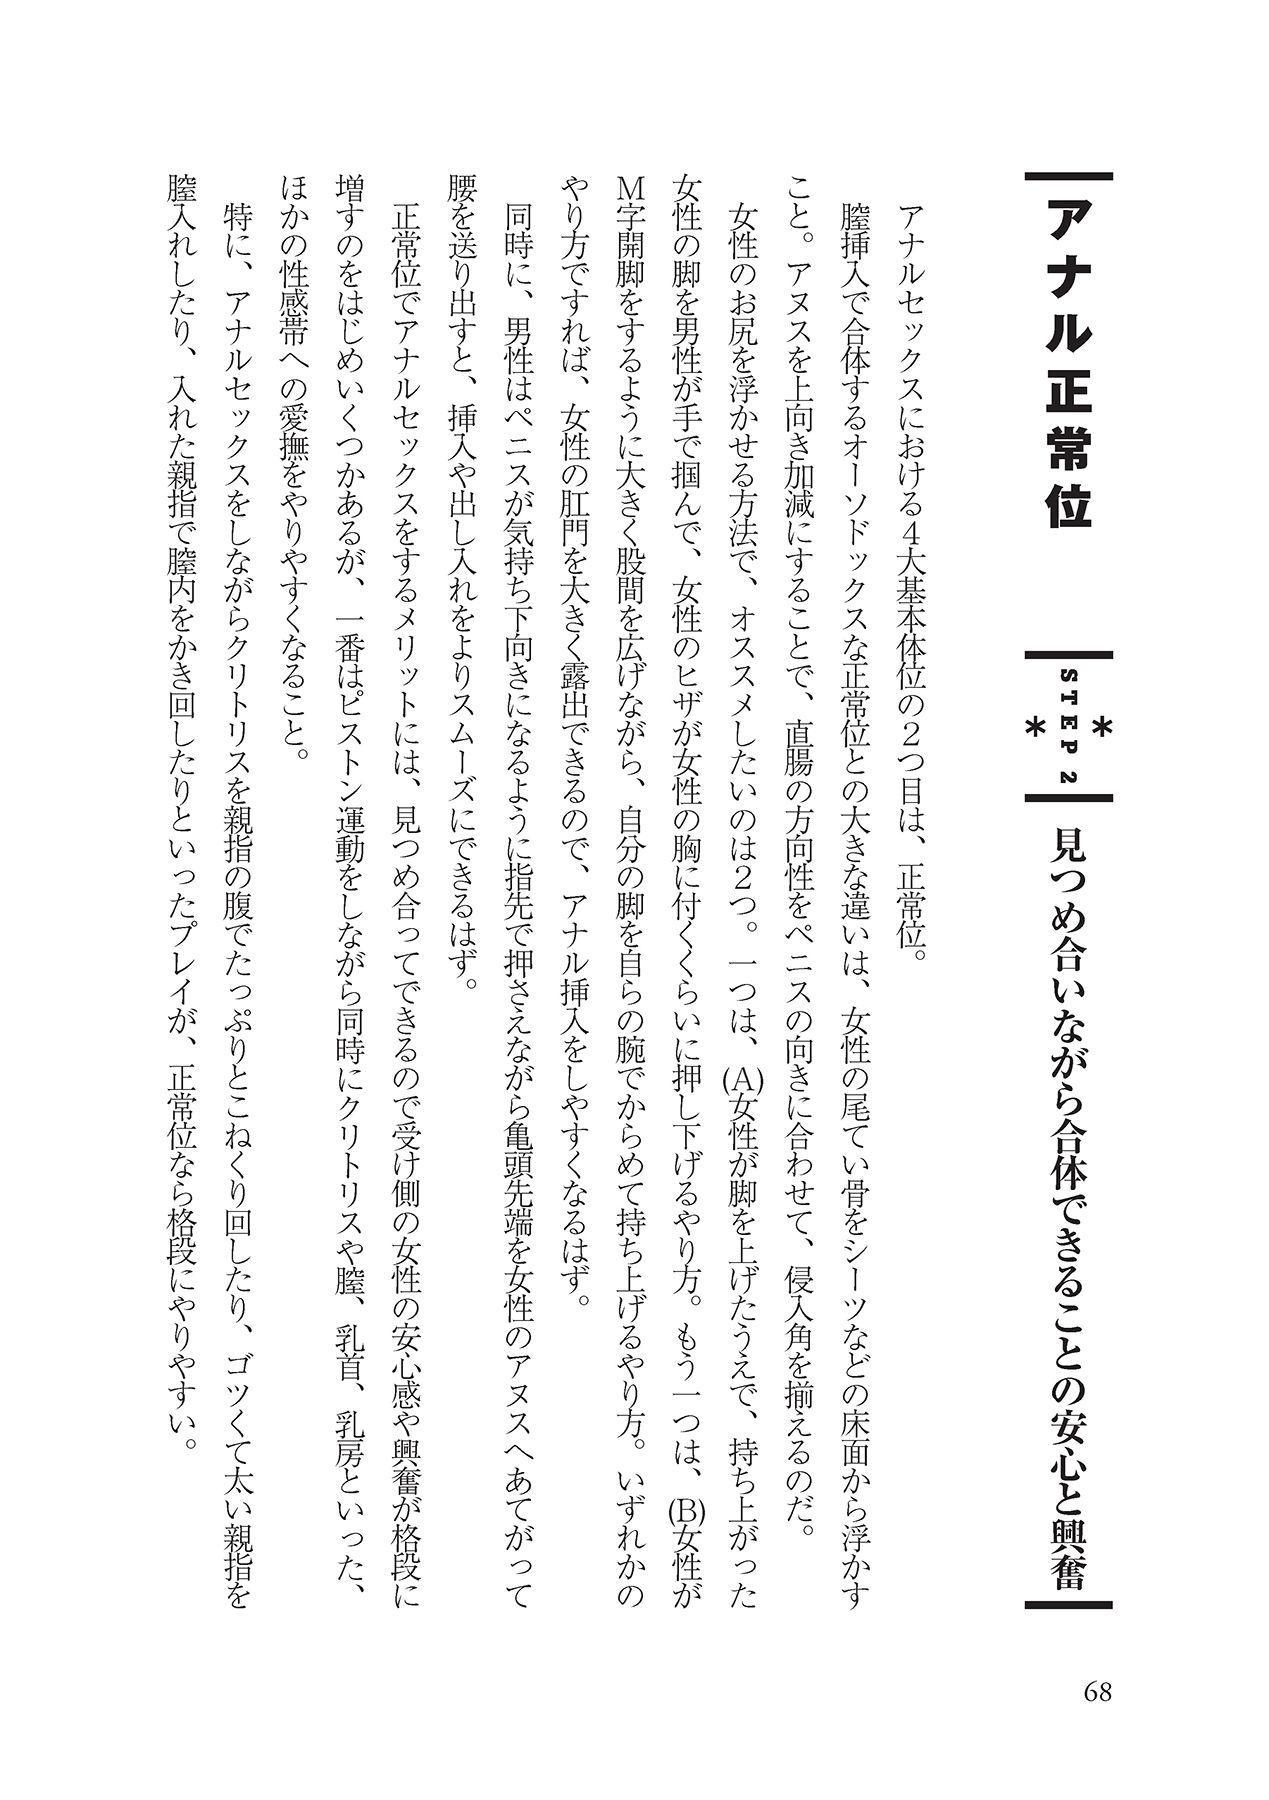 アナル性感開発・お尻エッチ 完全マニュアル 69